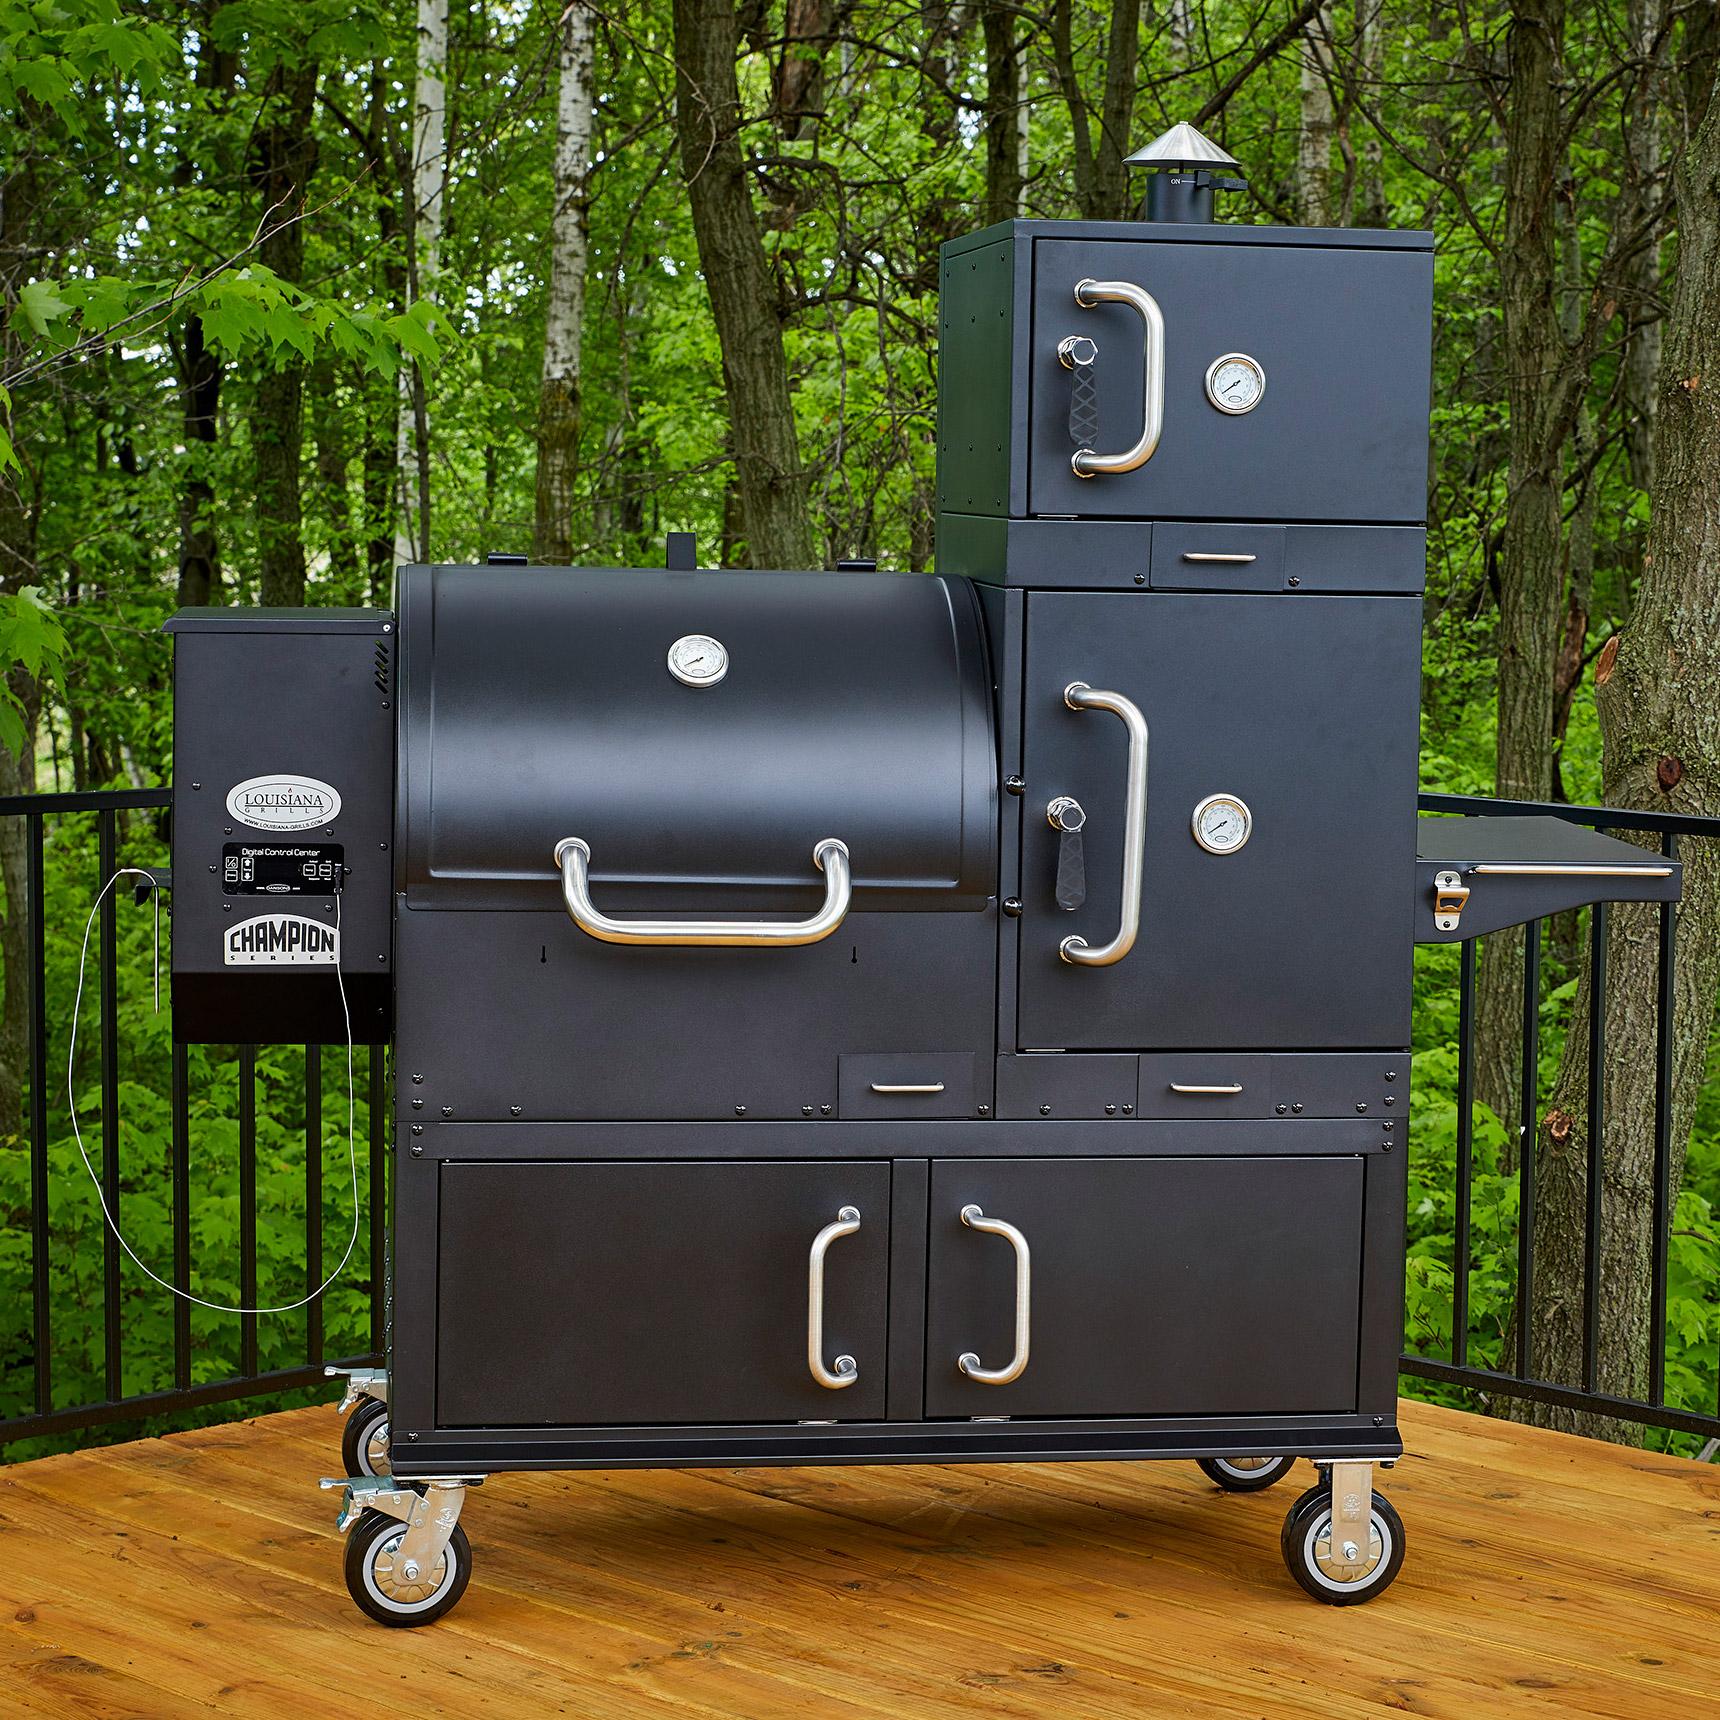 Louisiana Grills Champion Pellet Grill | eBay